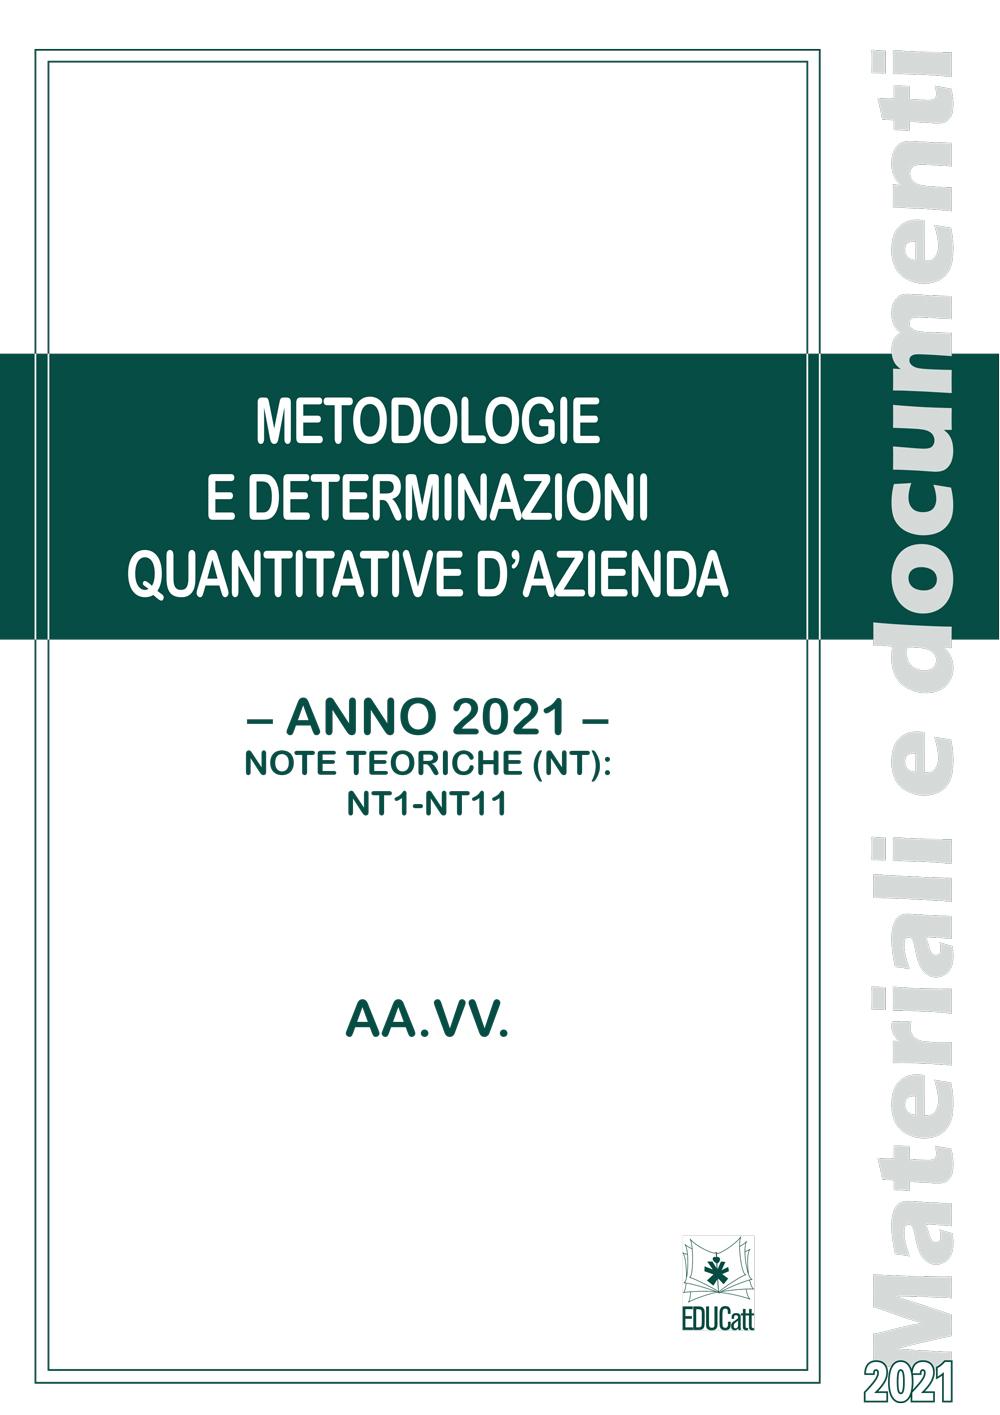 METODOLOGIE E DETERMINAZIONI QUANTITATIVE D'AZIENDA (2021). NOTE TEORICHE 1 - 11